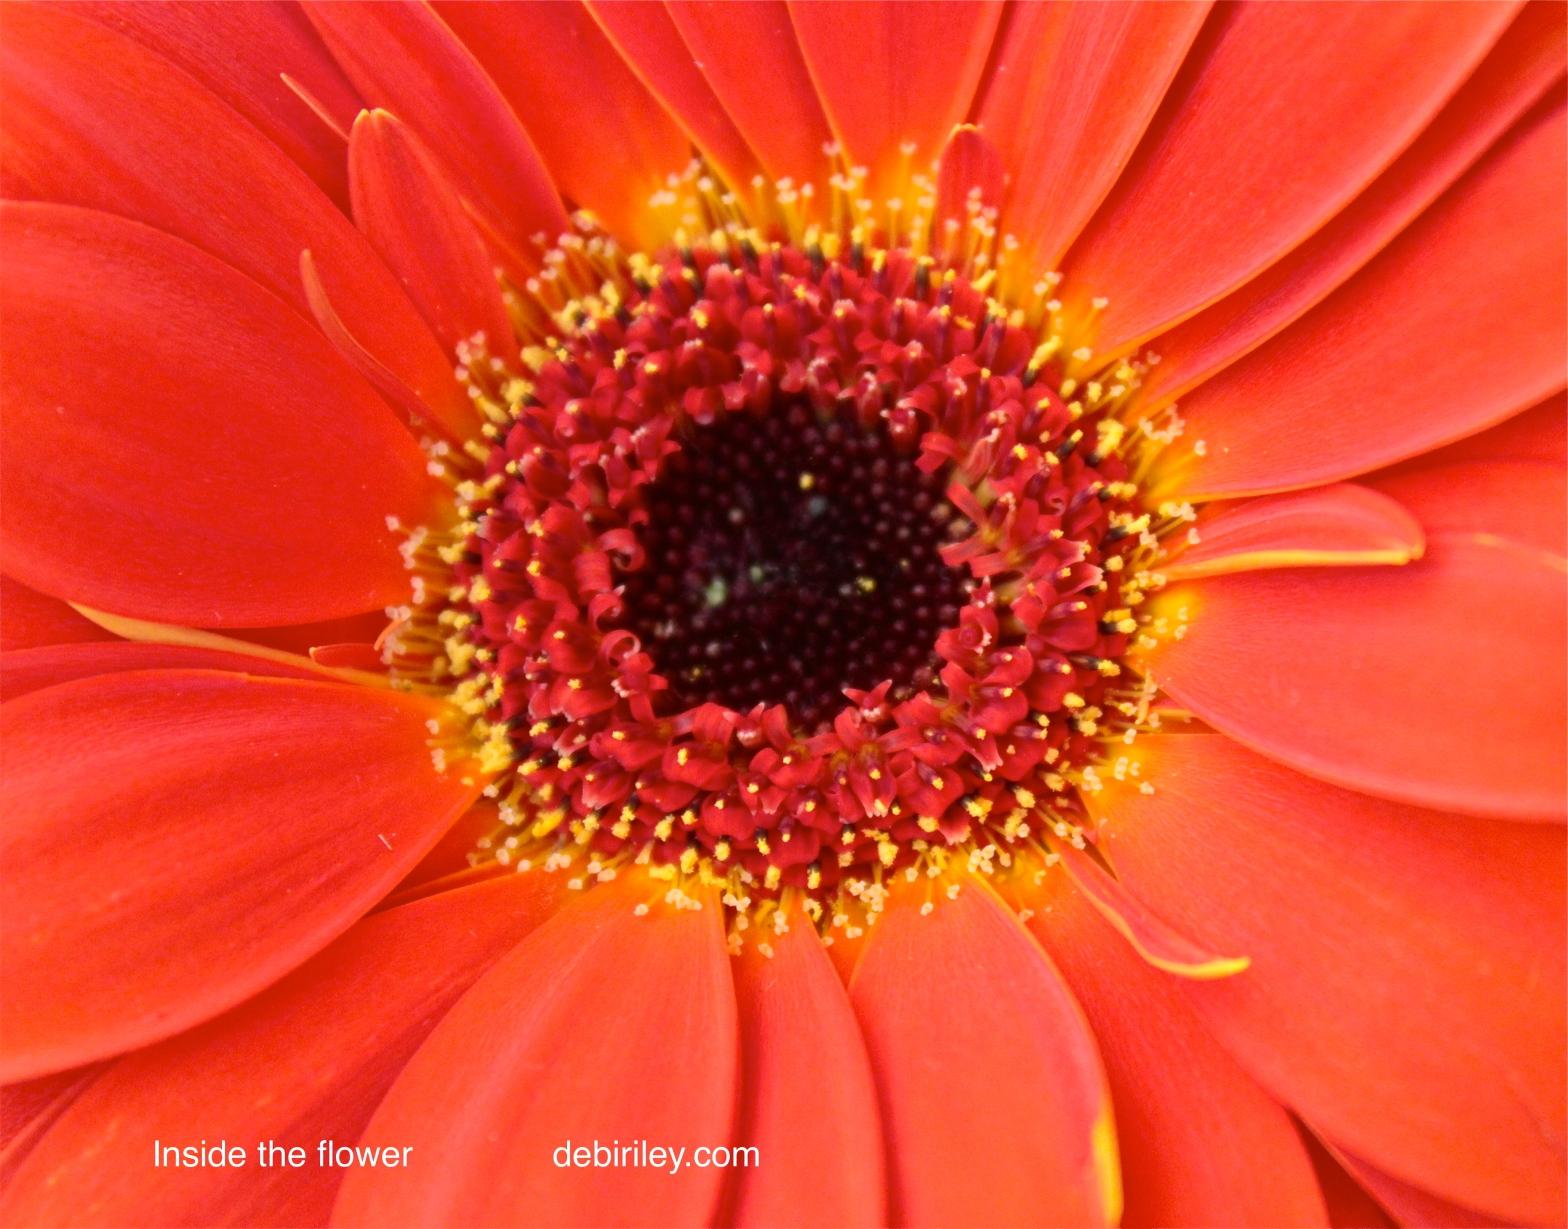 Orange Happy color, petal patterns, flower design, debi riley art, debiriley.com